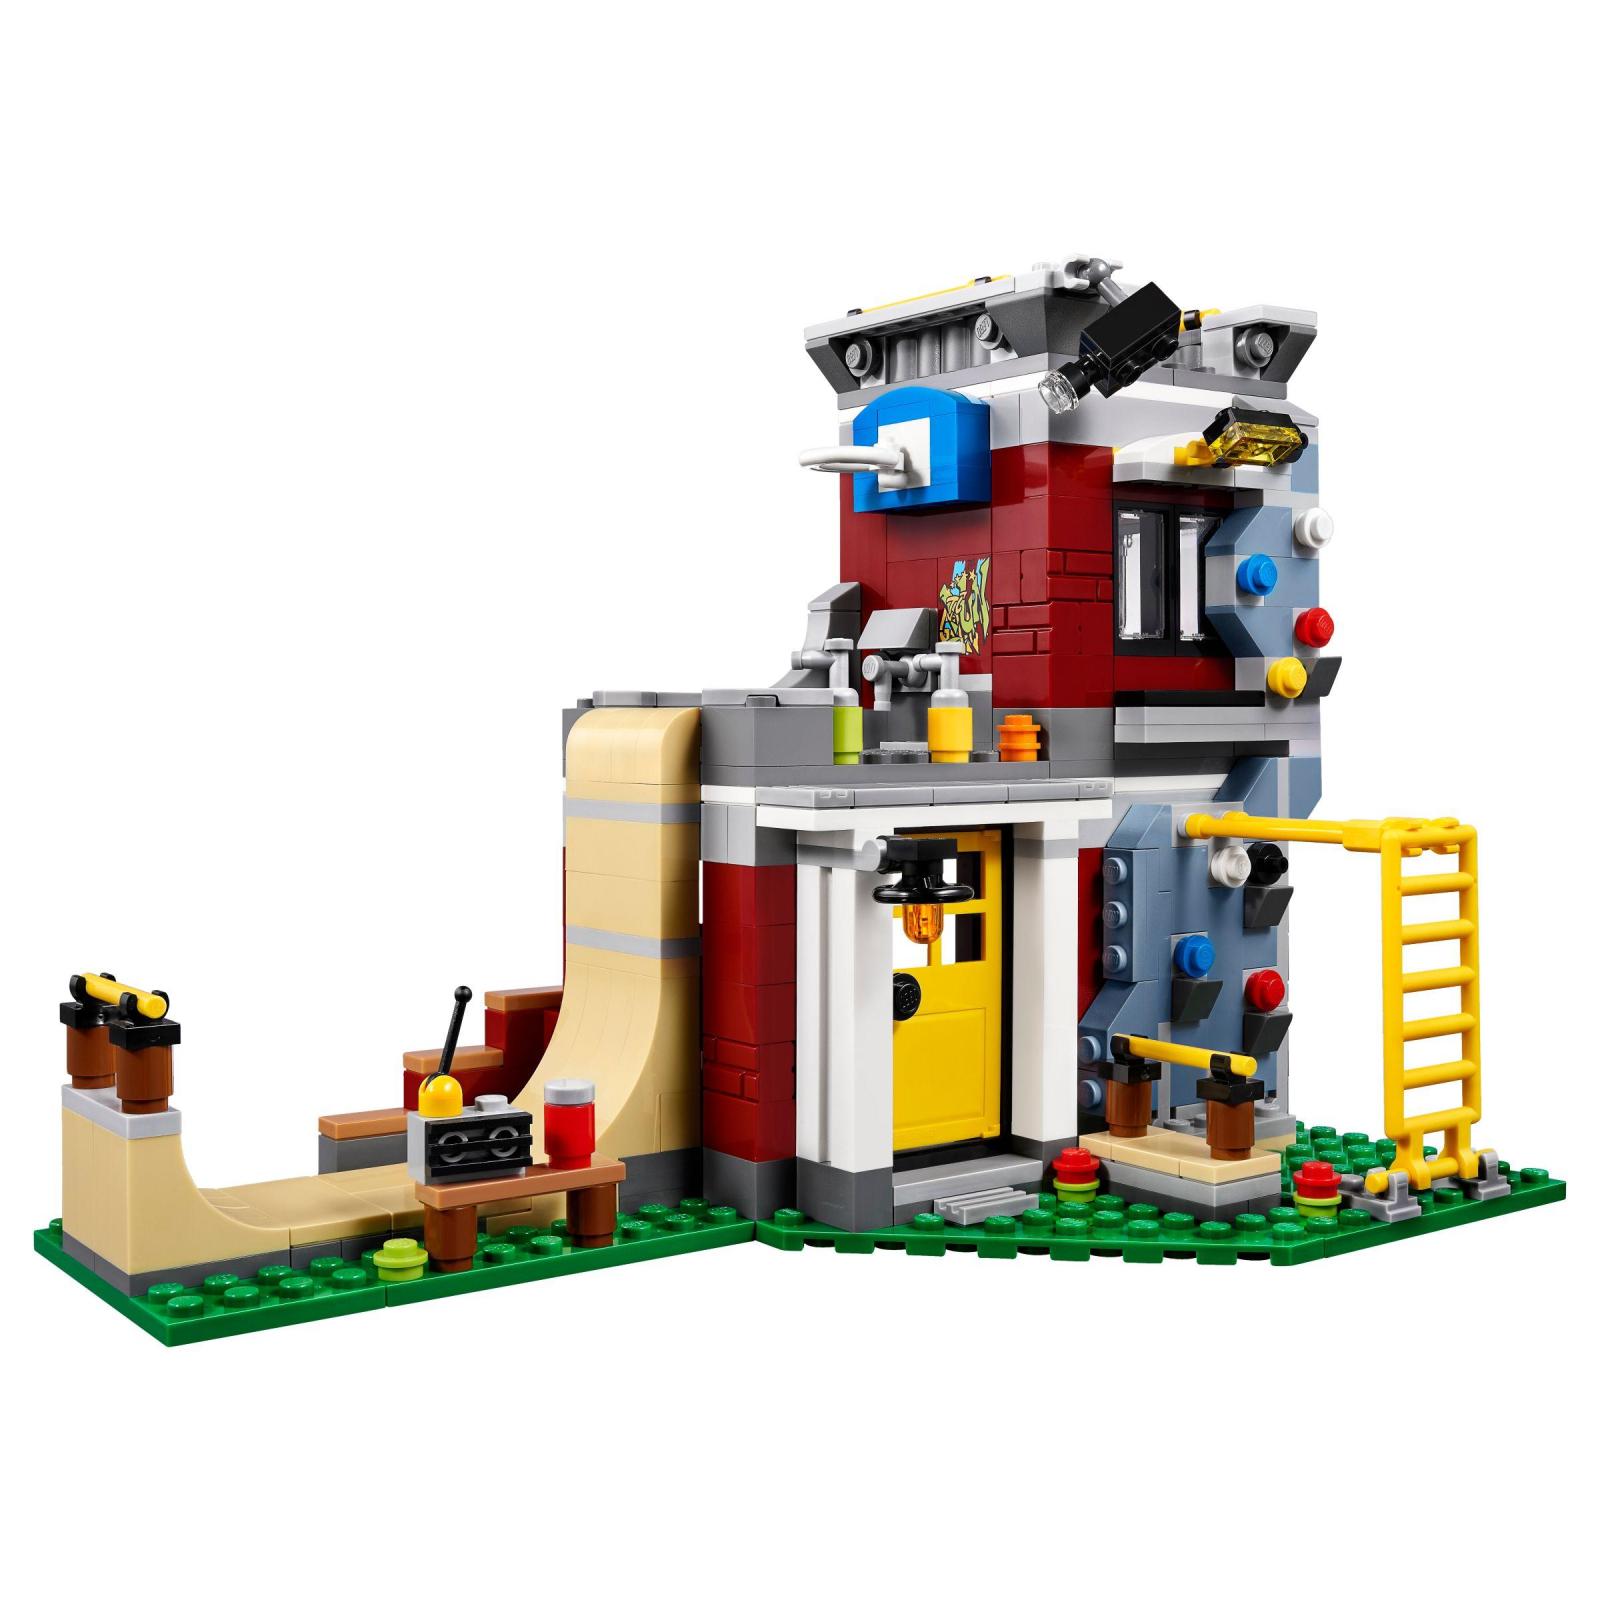 Конструктор LEGO Creator Модульный набор Каток (31081) изображение 3